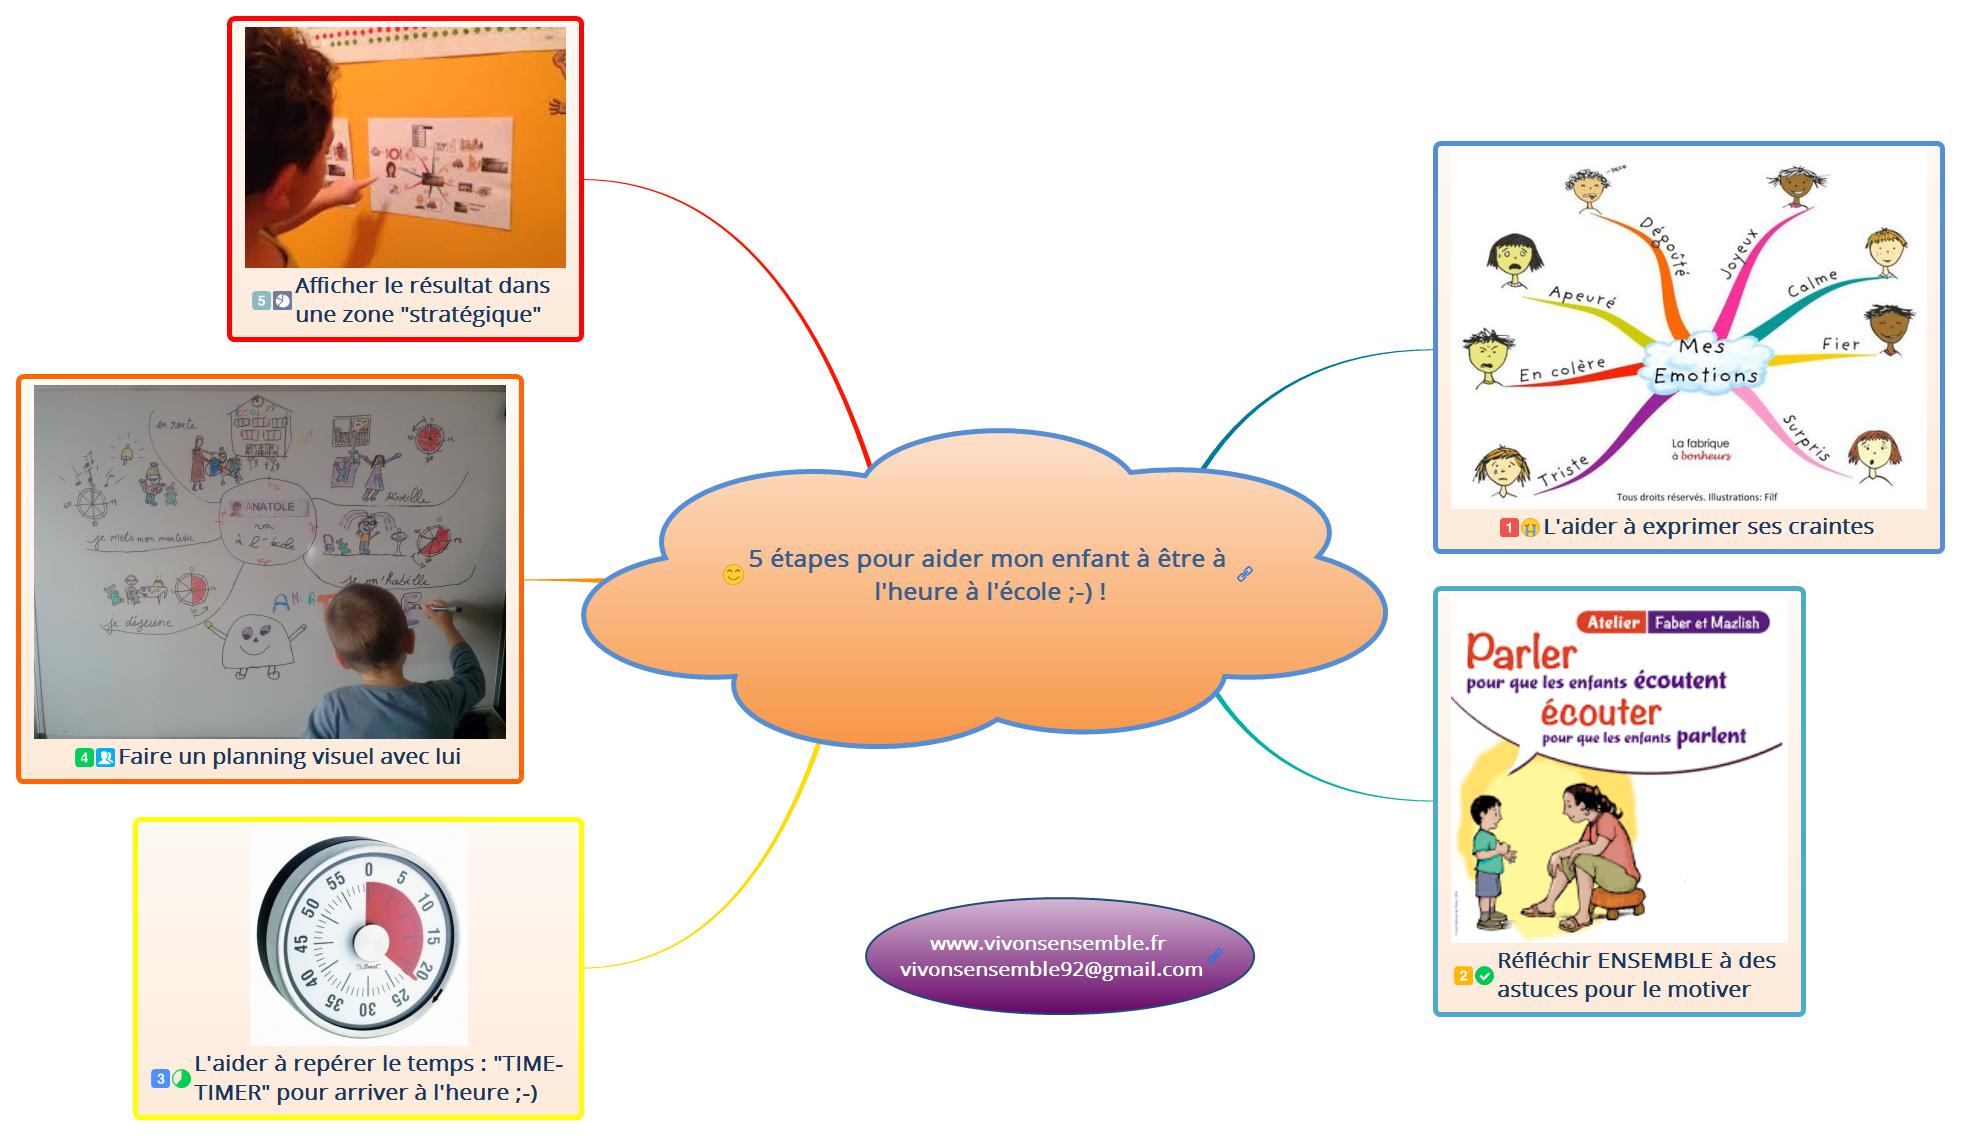 5 étapes pour aider mon enfant à être à l'heure à l'école ;-) !